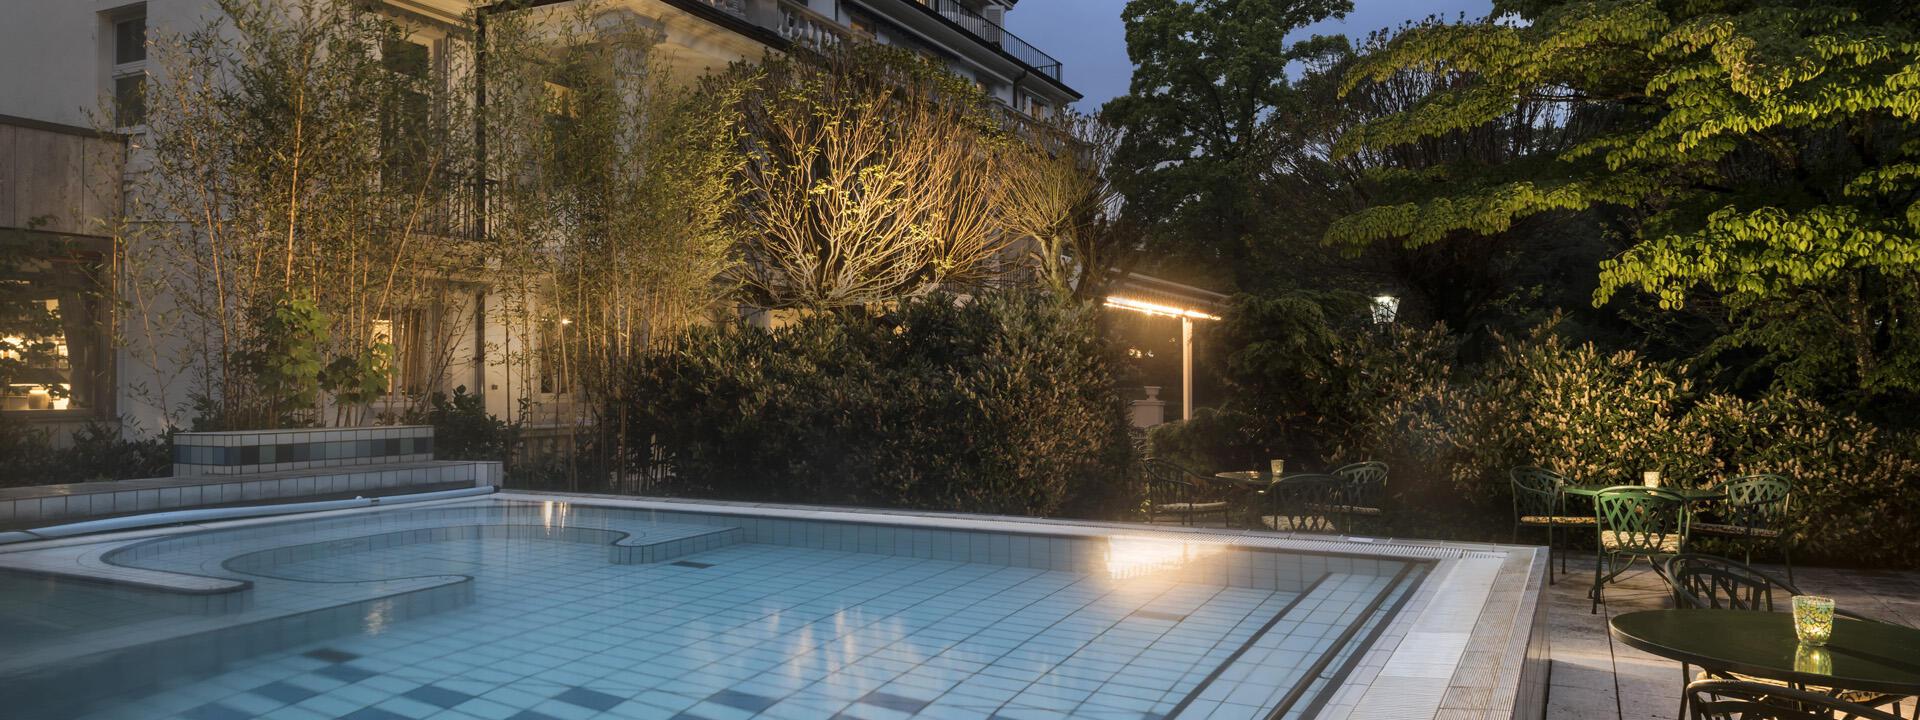 Outdoor pool view at Precise Resort Baden Baden